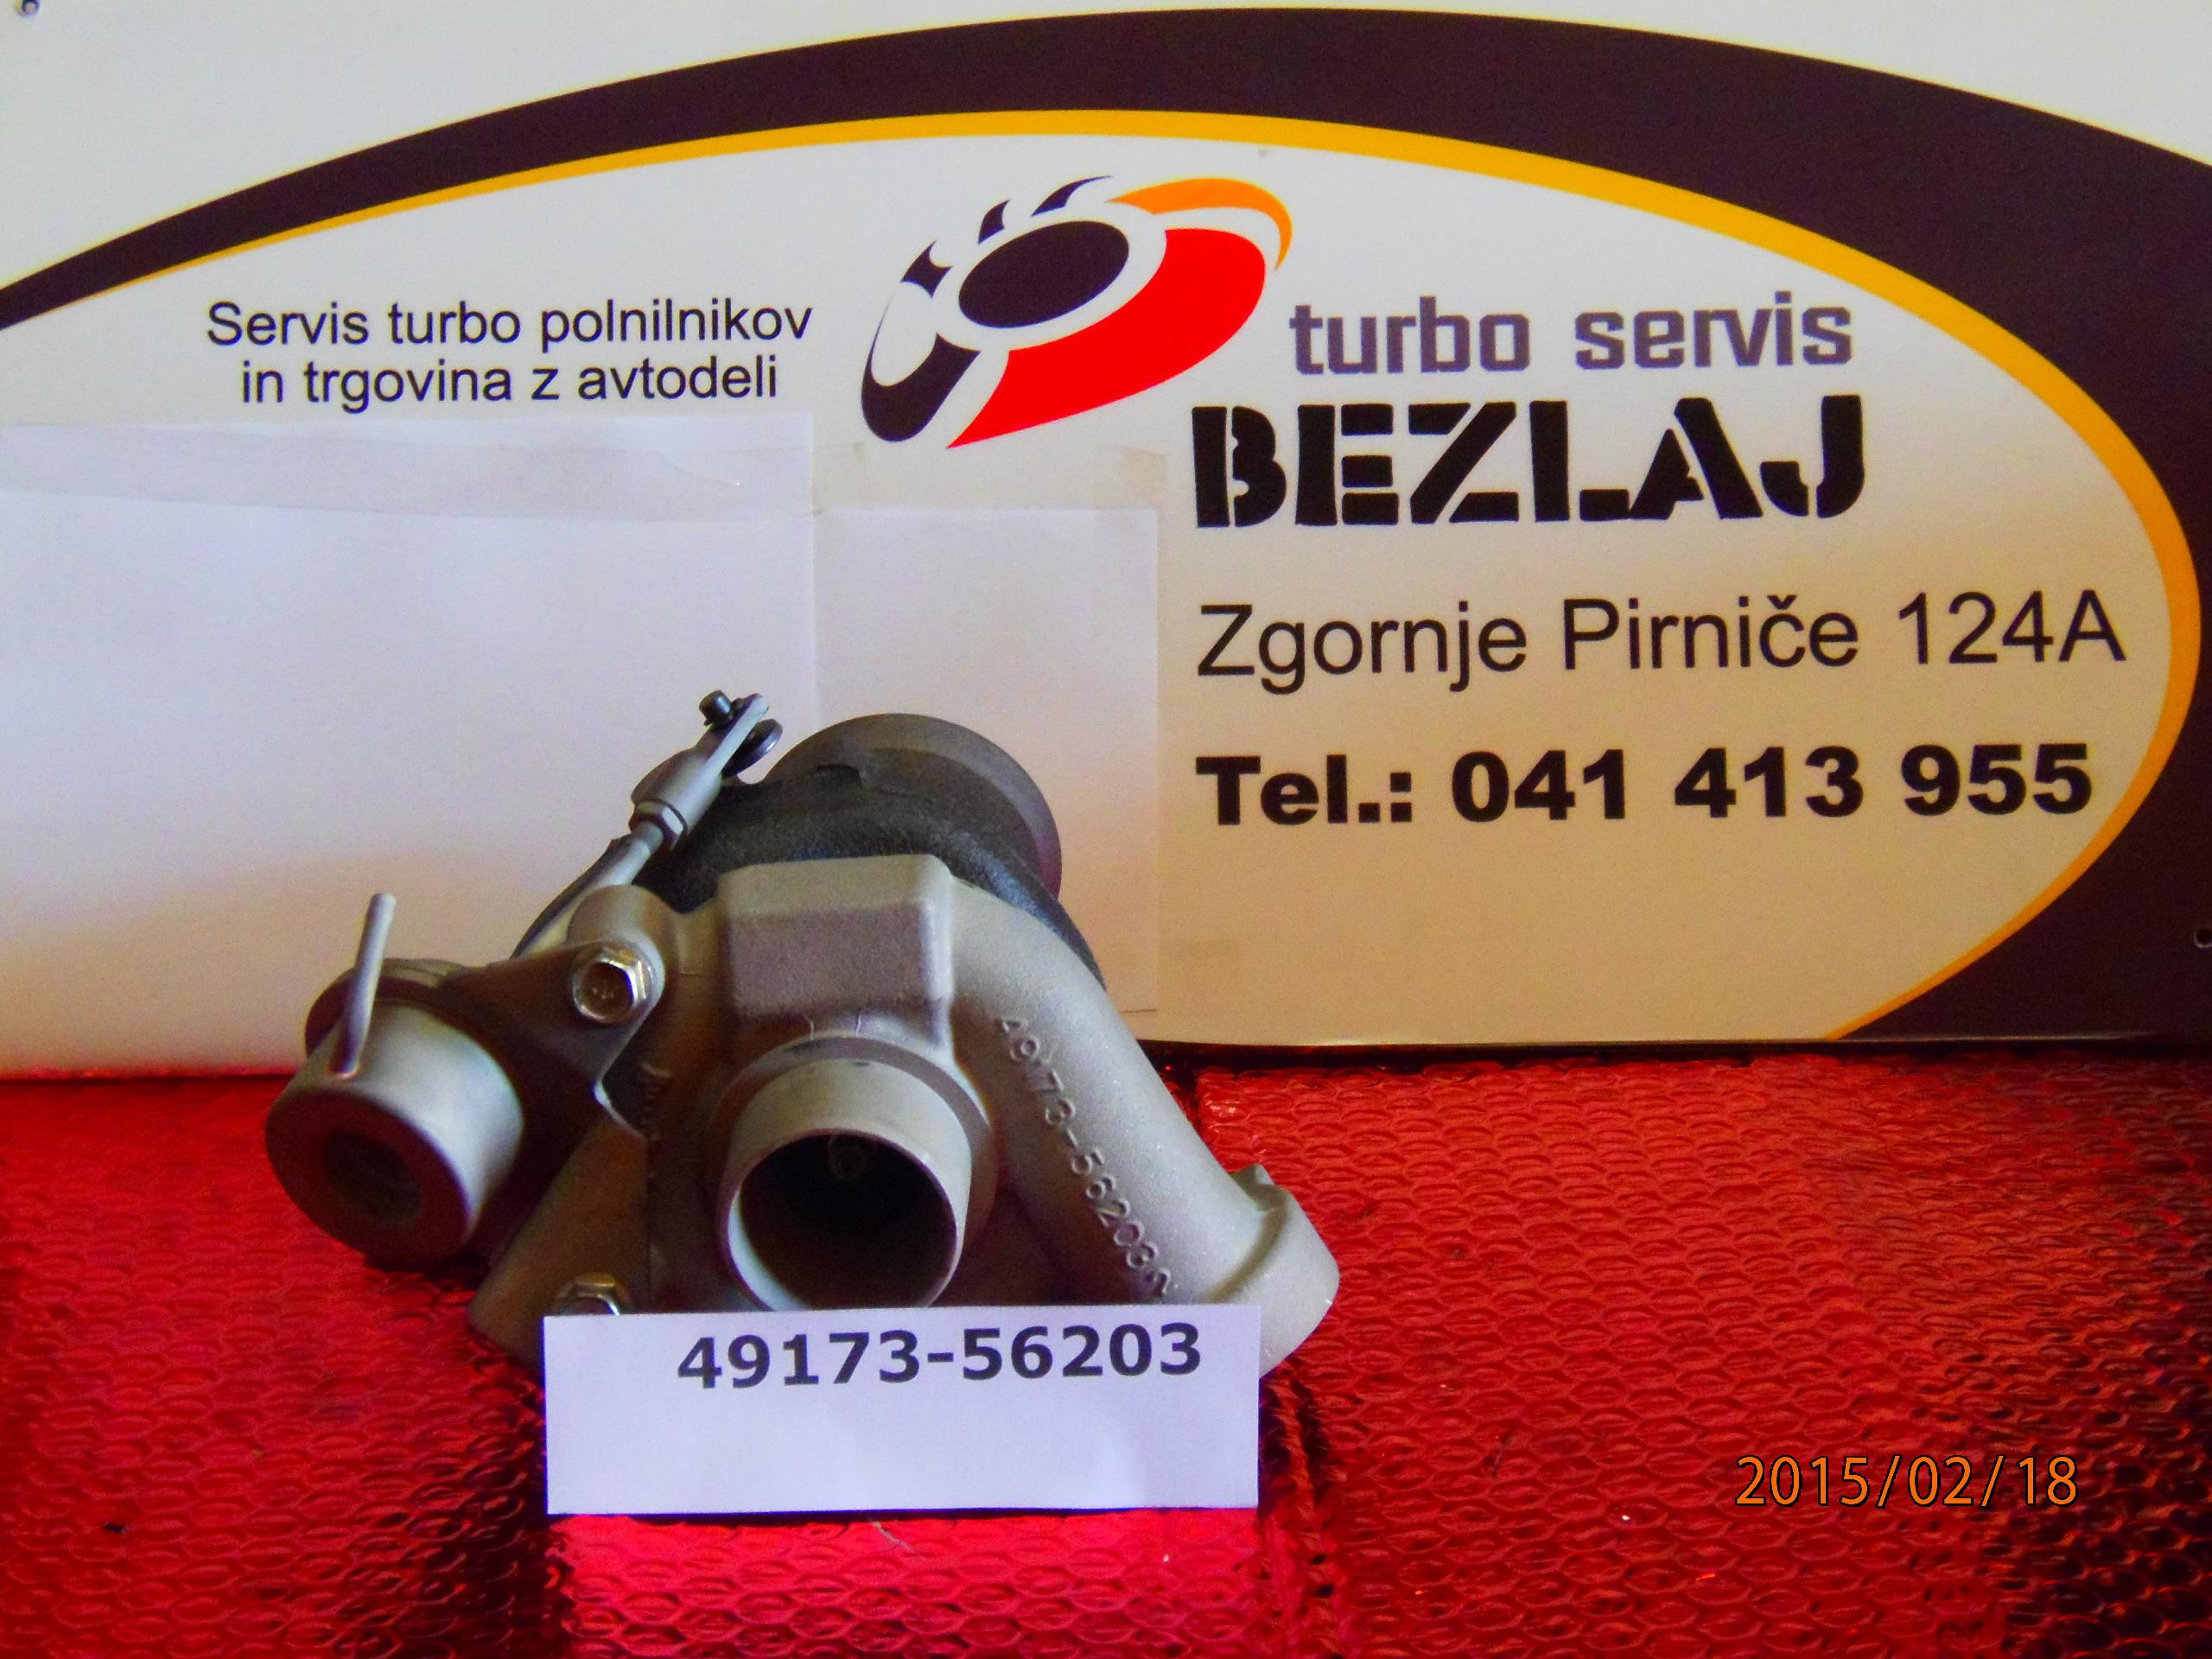 turbo49173-56203